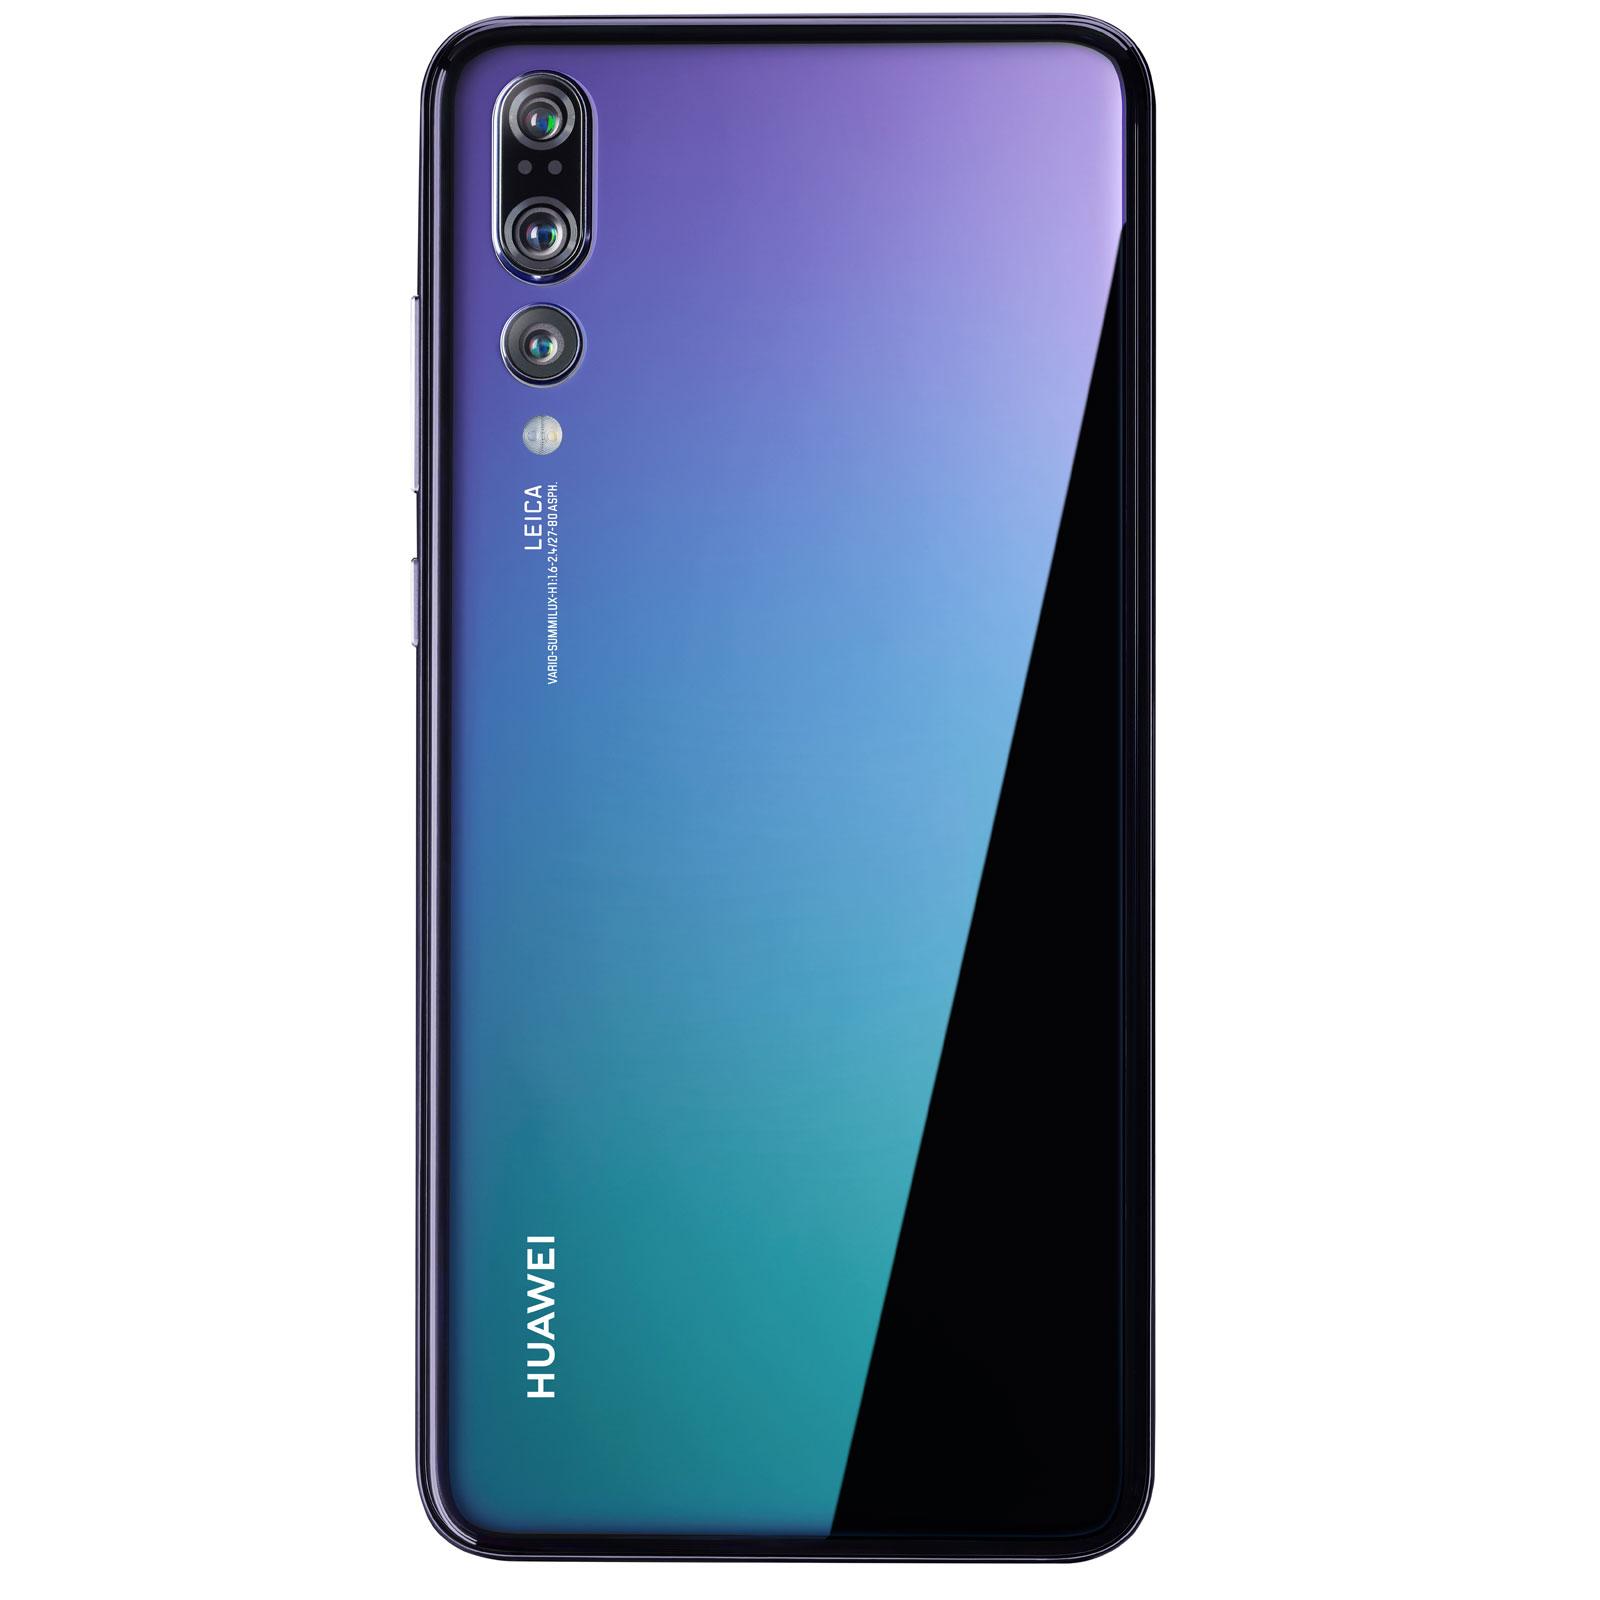 Huawei P20 PRO 128Gb Twilight - Téléphonie Huawei - Cybertek.fr - 1